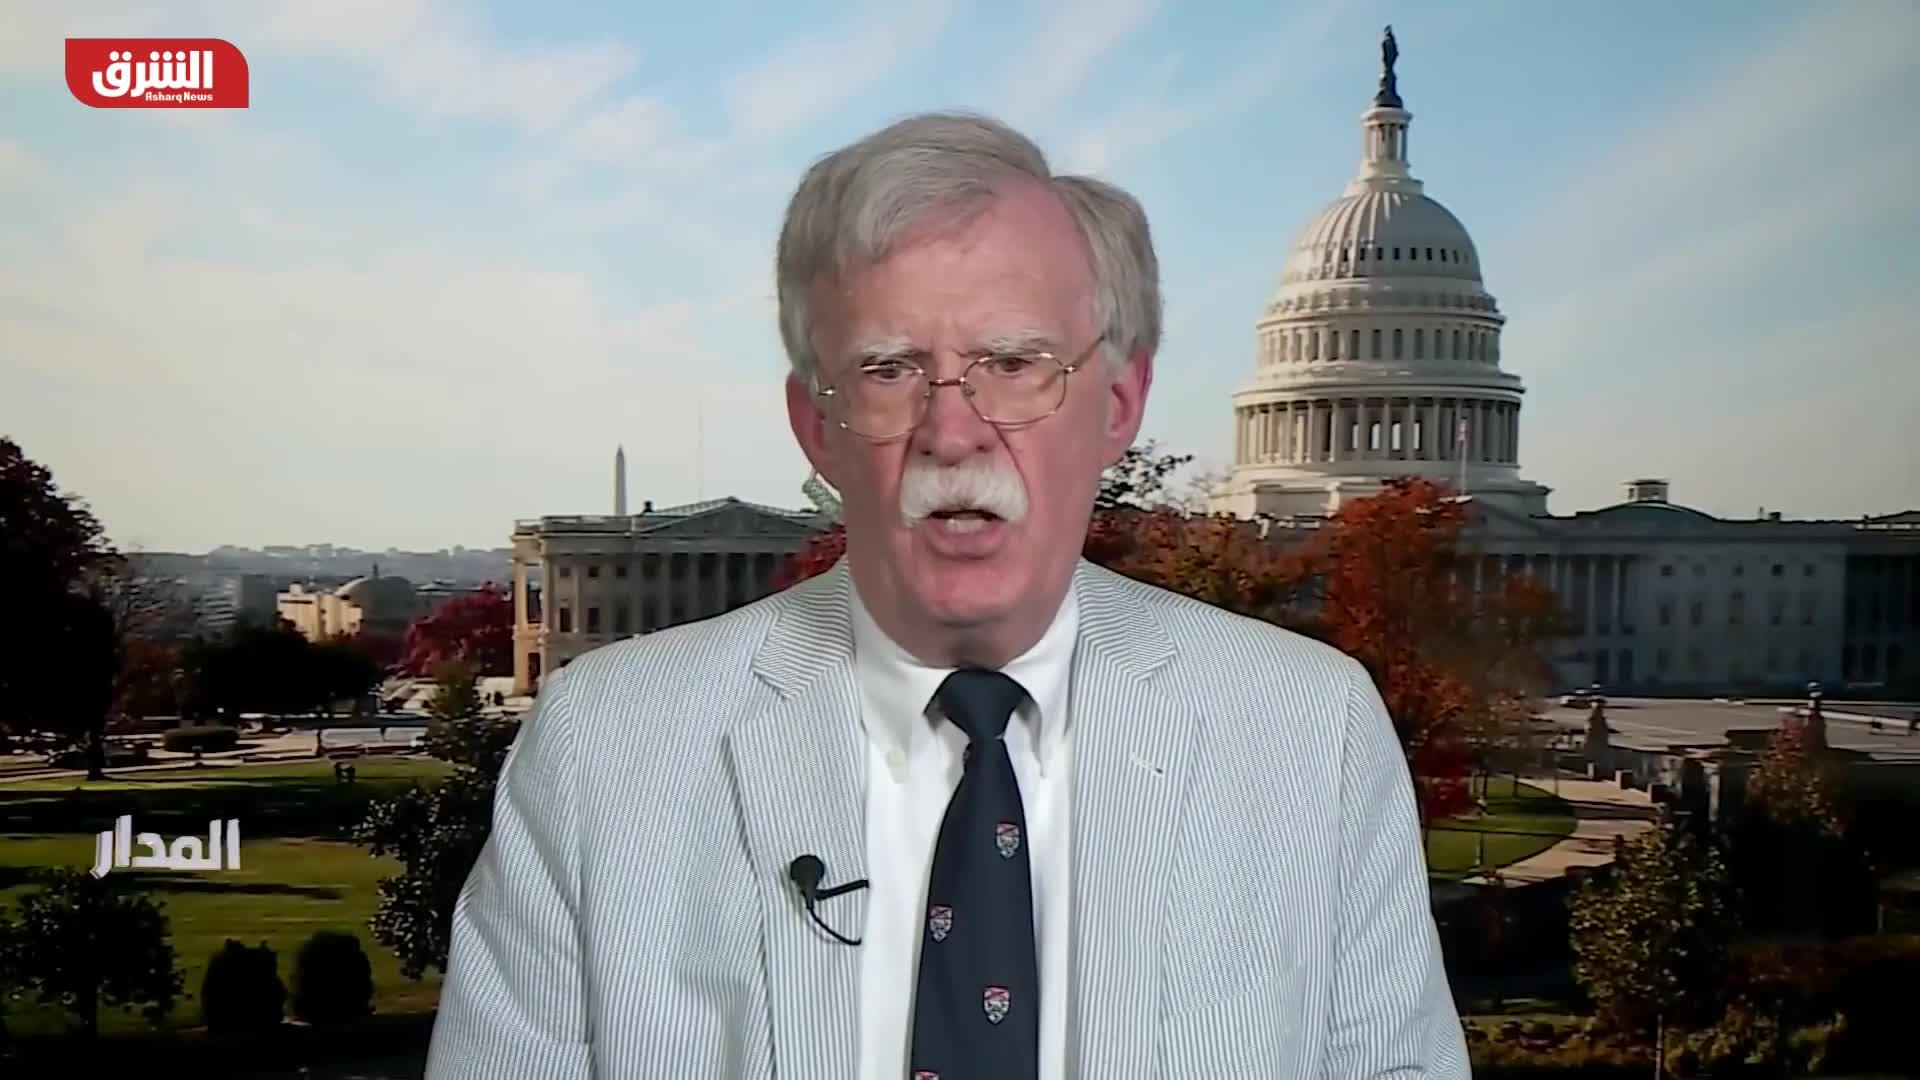 بولتون: تستخدم واشنطن التدخل العسكري لحماية مصالحها